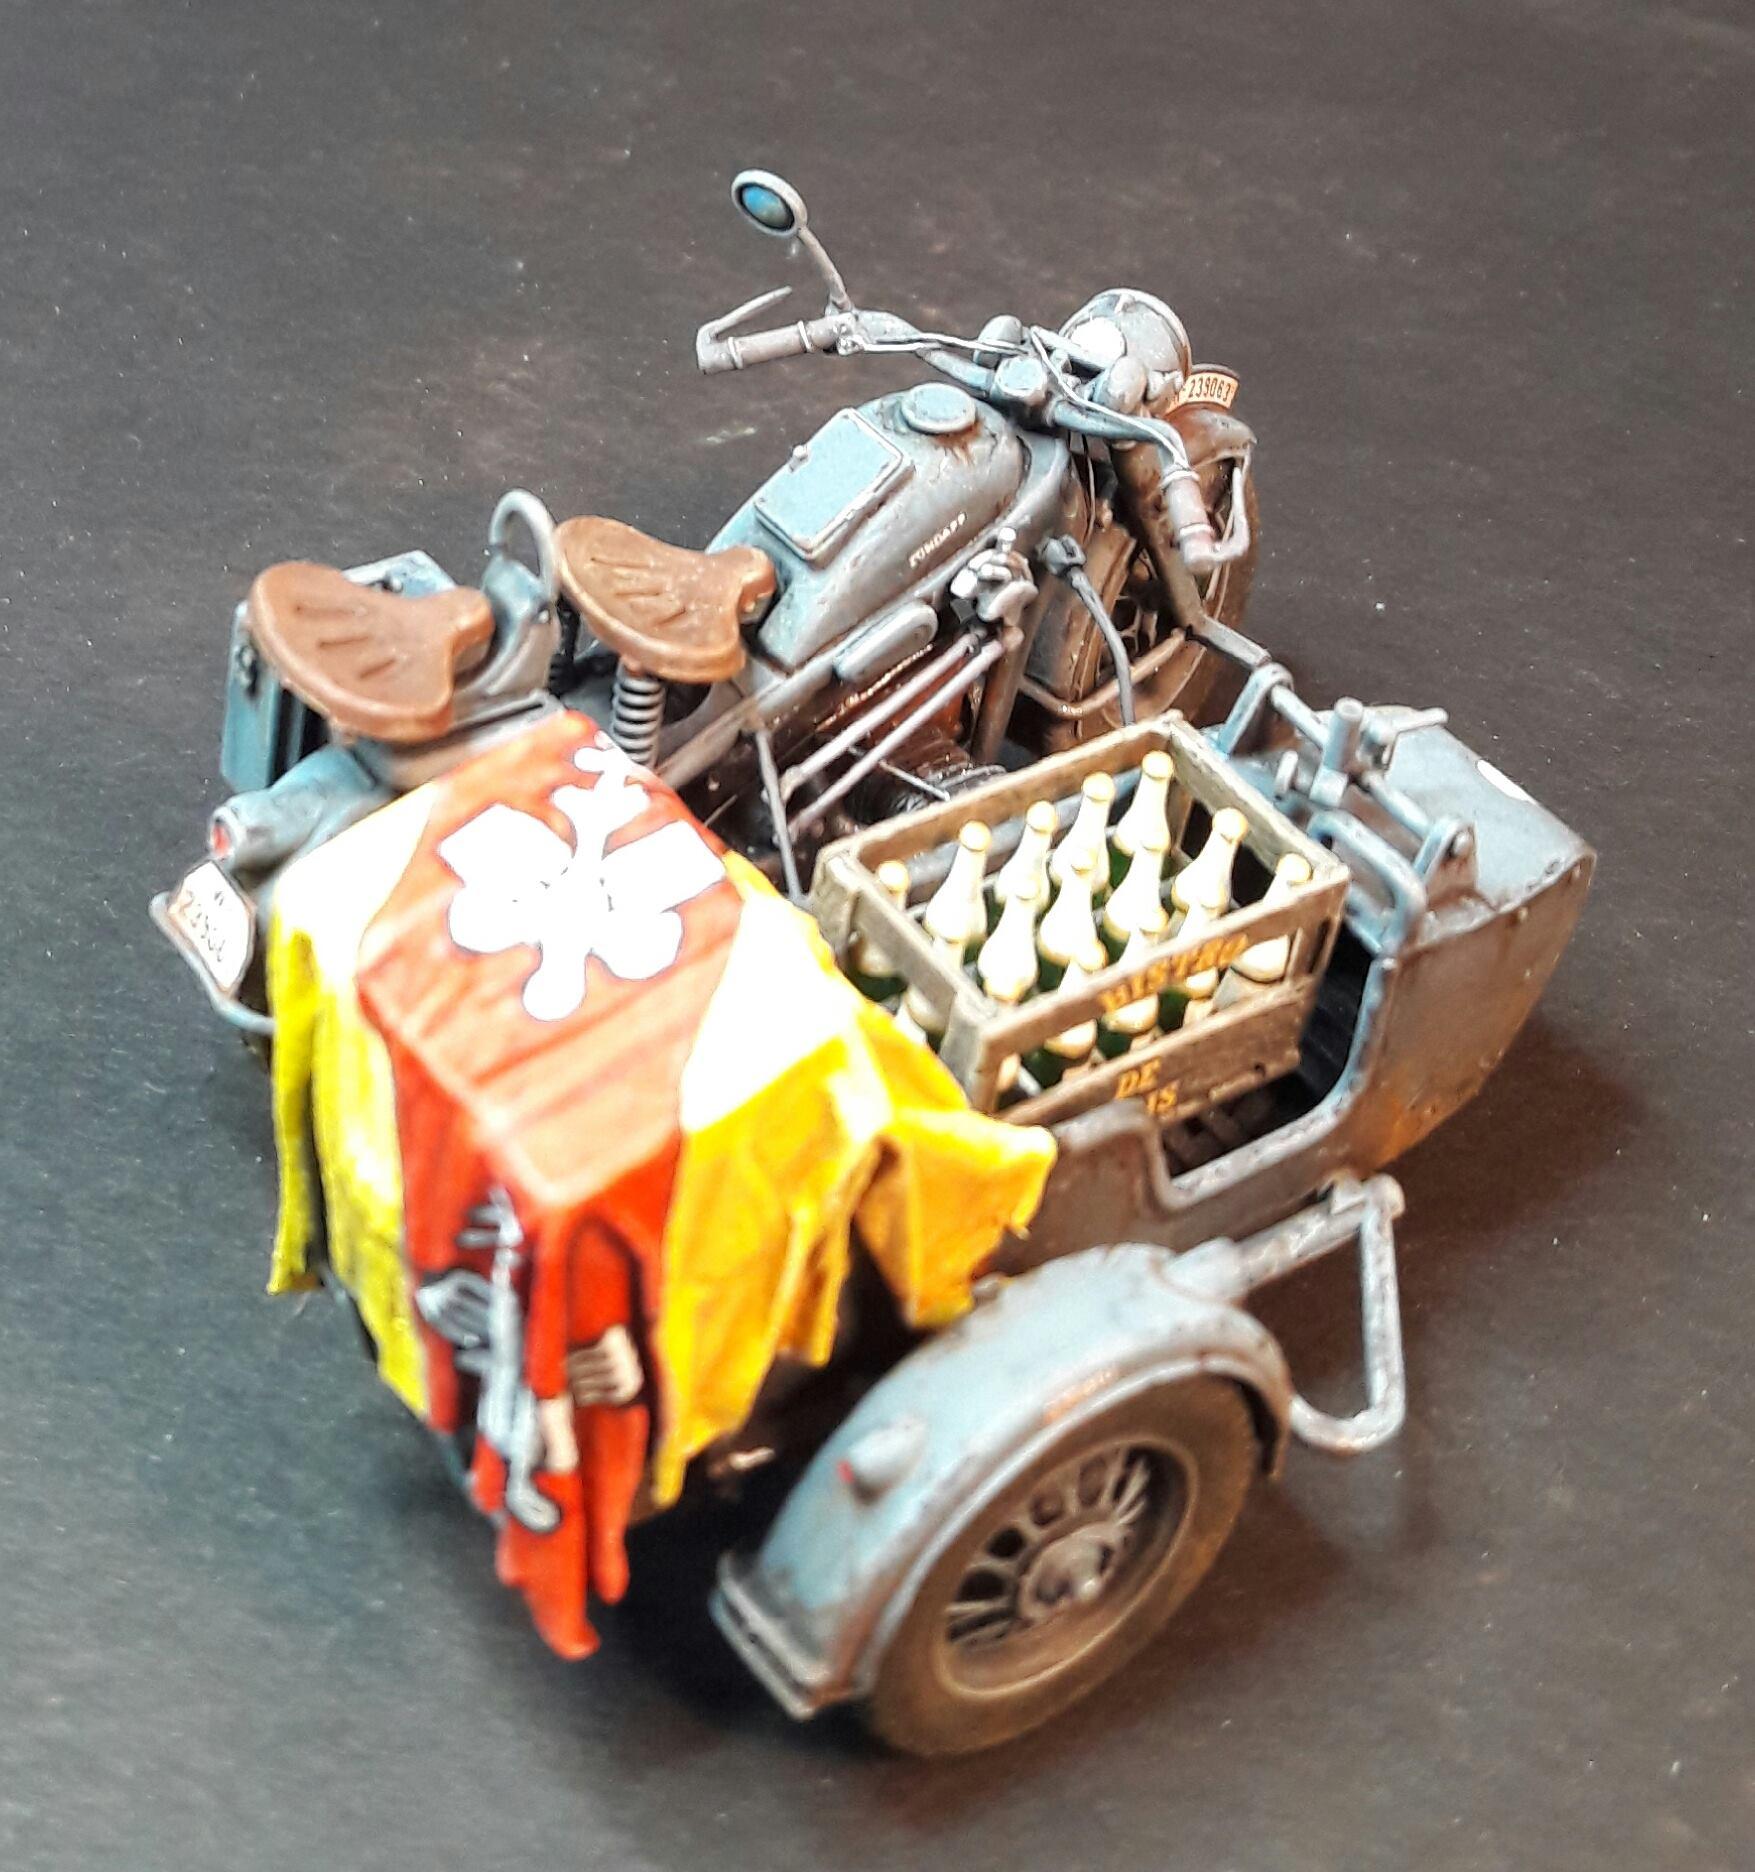 Zündapp KS750 - Sidecar - Great Wall Hobby + figurines Alpine - 1/35 - Page 5 32274420048916102117868054801341897836405o